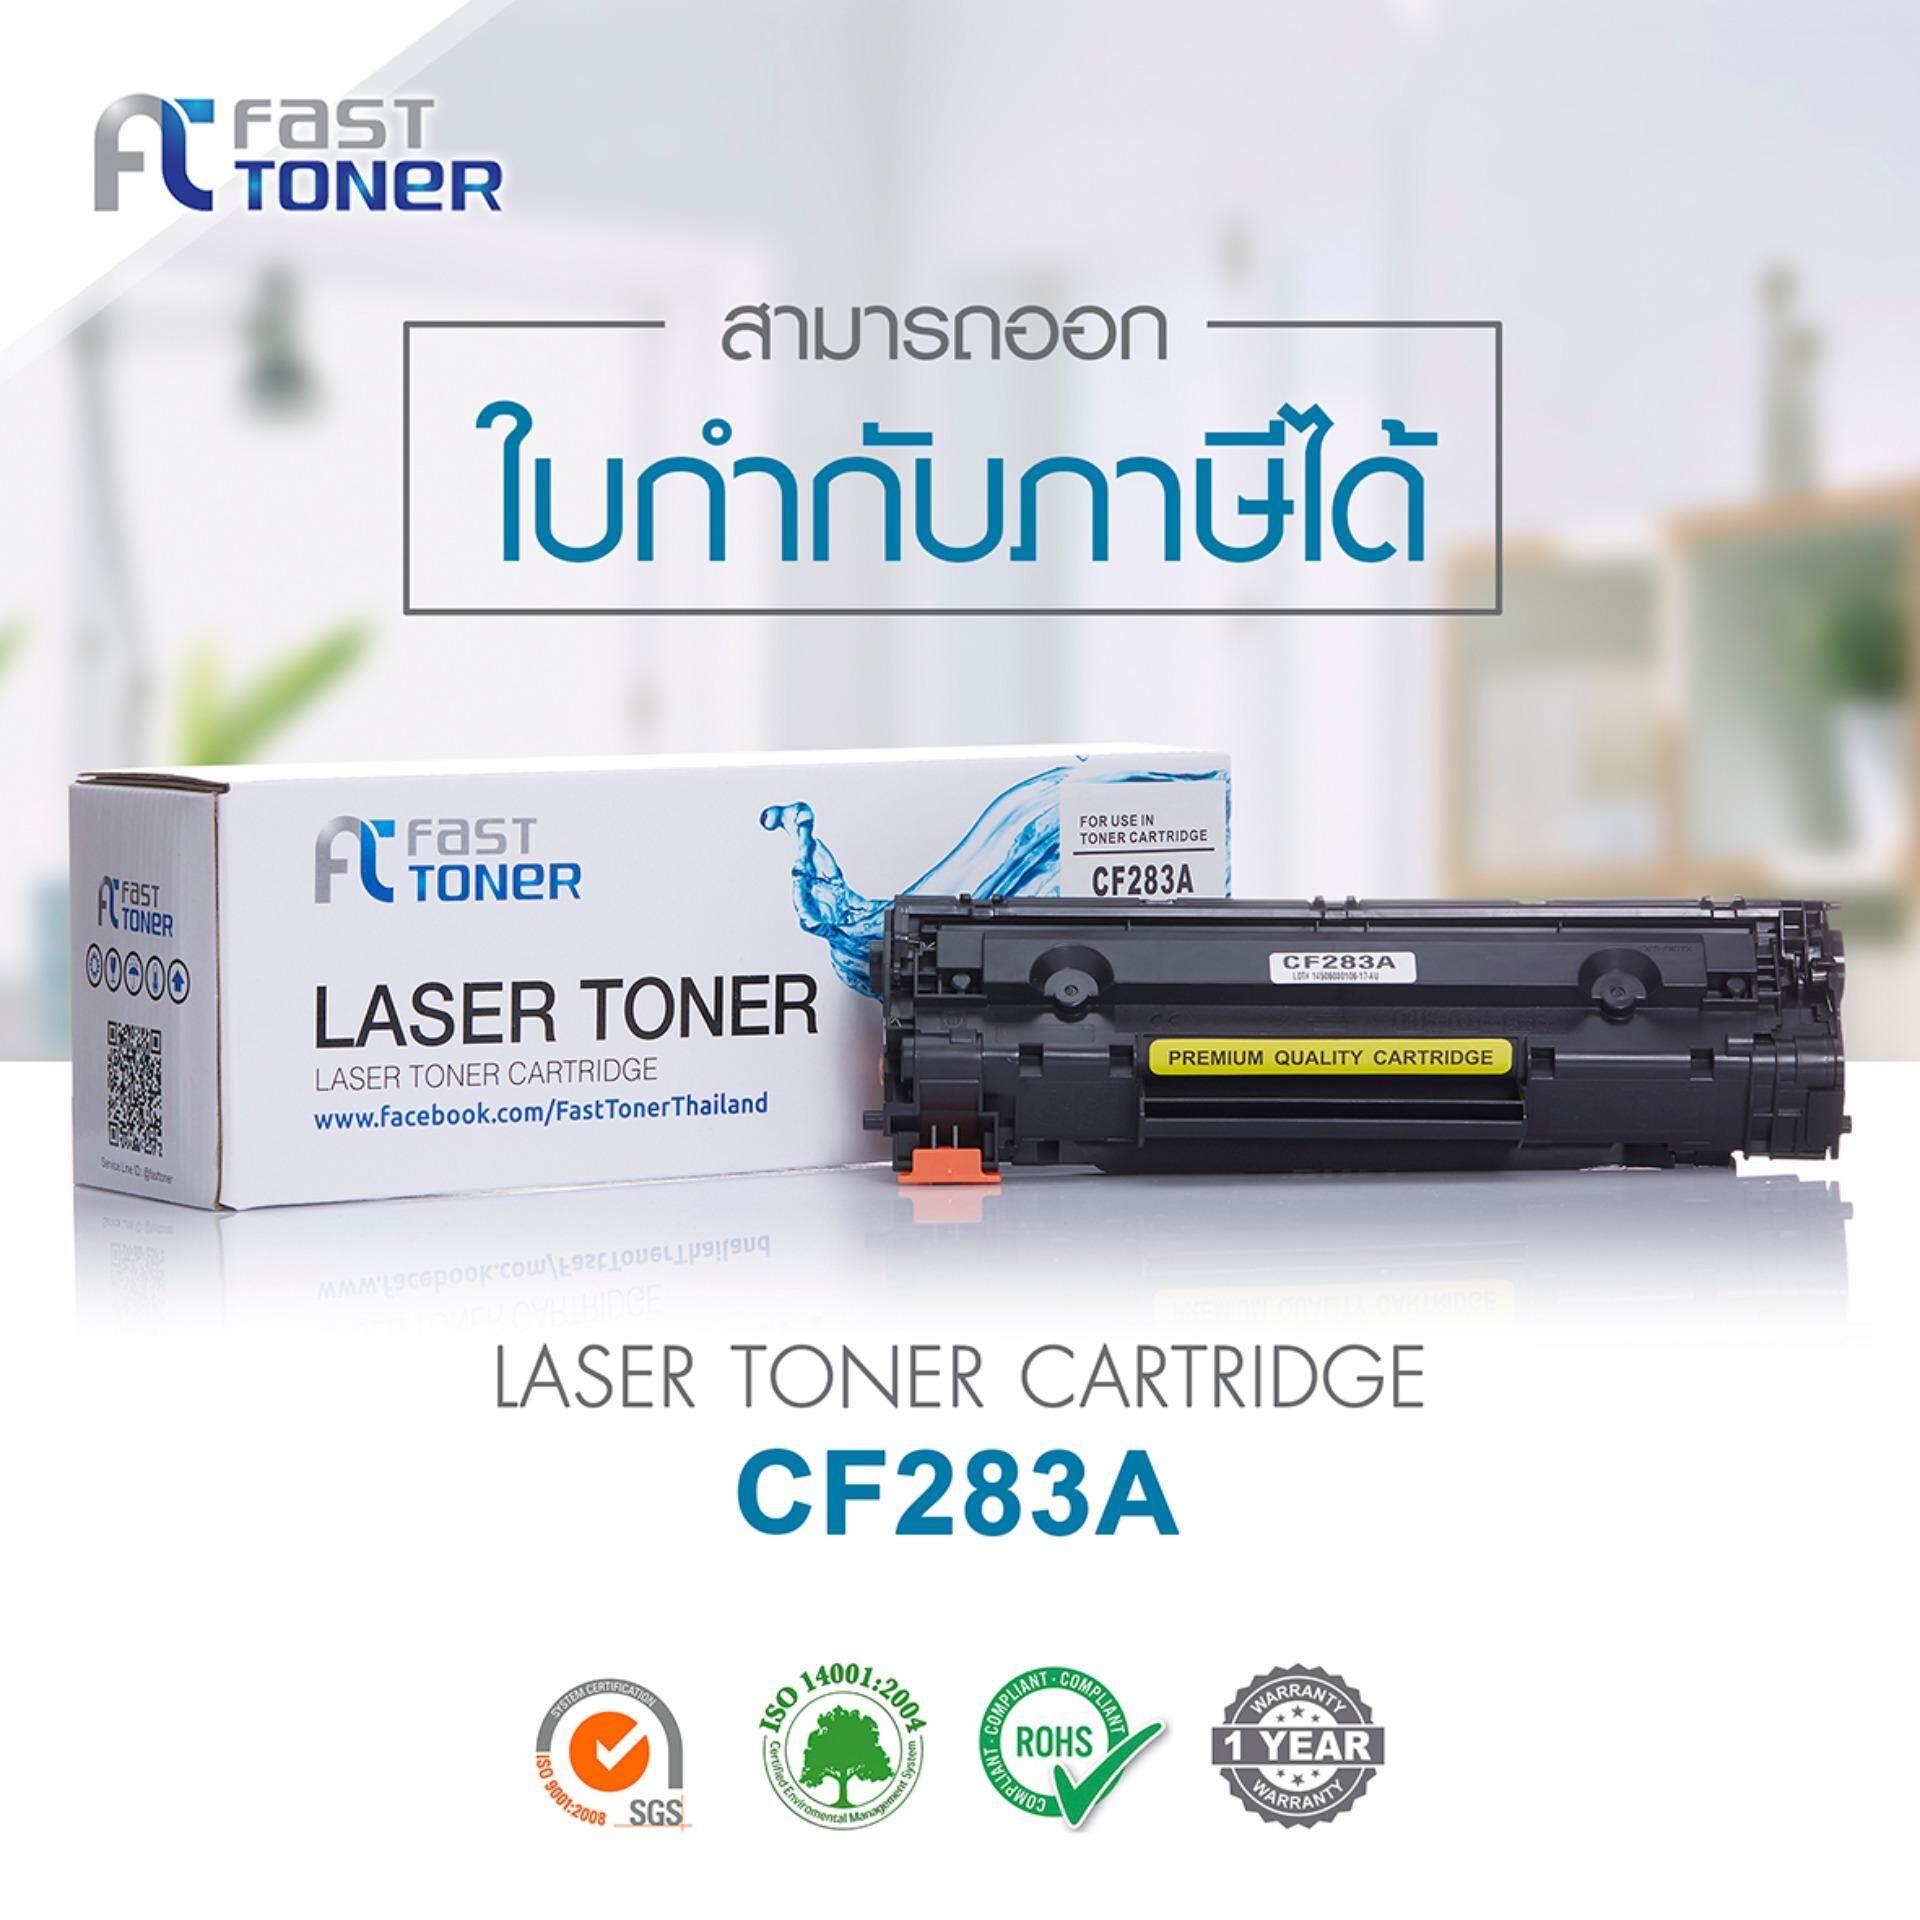 ราคา ราคาถูกที่สุด Fast Toner ตลับหมึกเทียบเท่า Hp 83A สีดำ Laserjet Toner Cartridge Cf283A